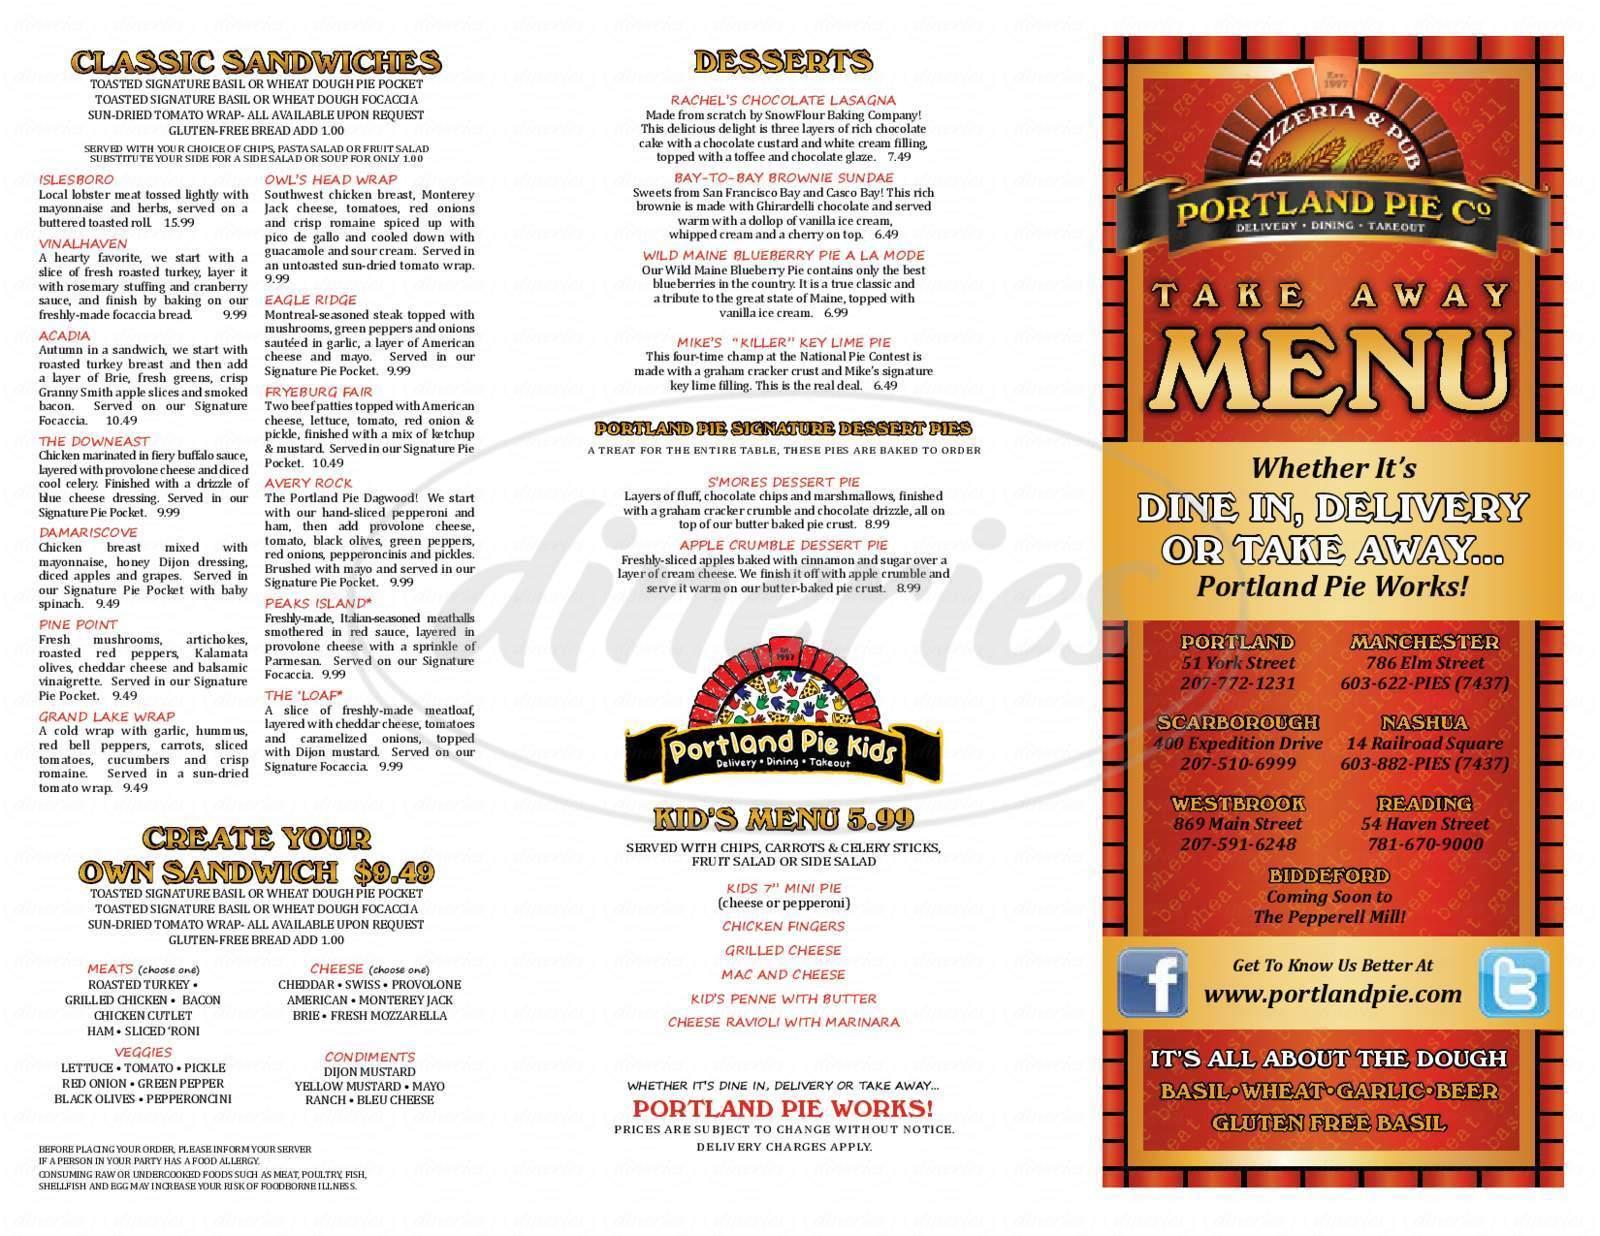 menu for Portland Pie Co